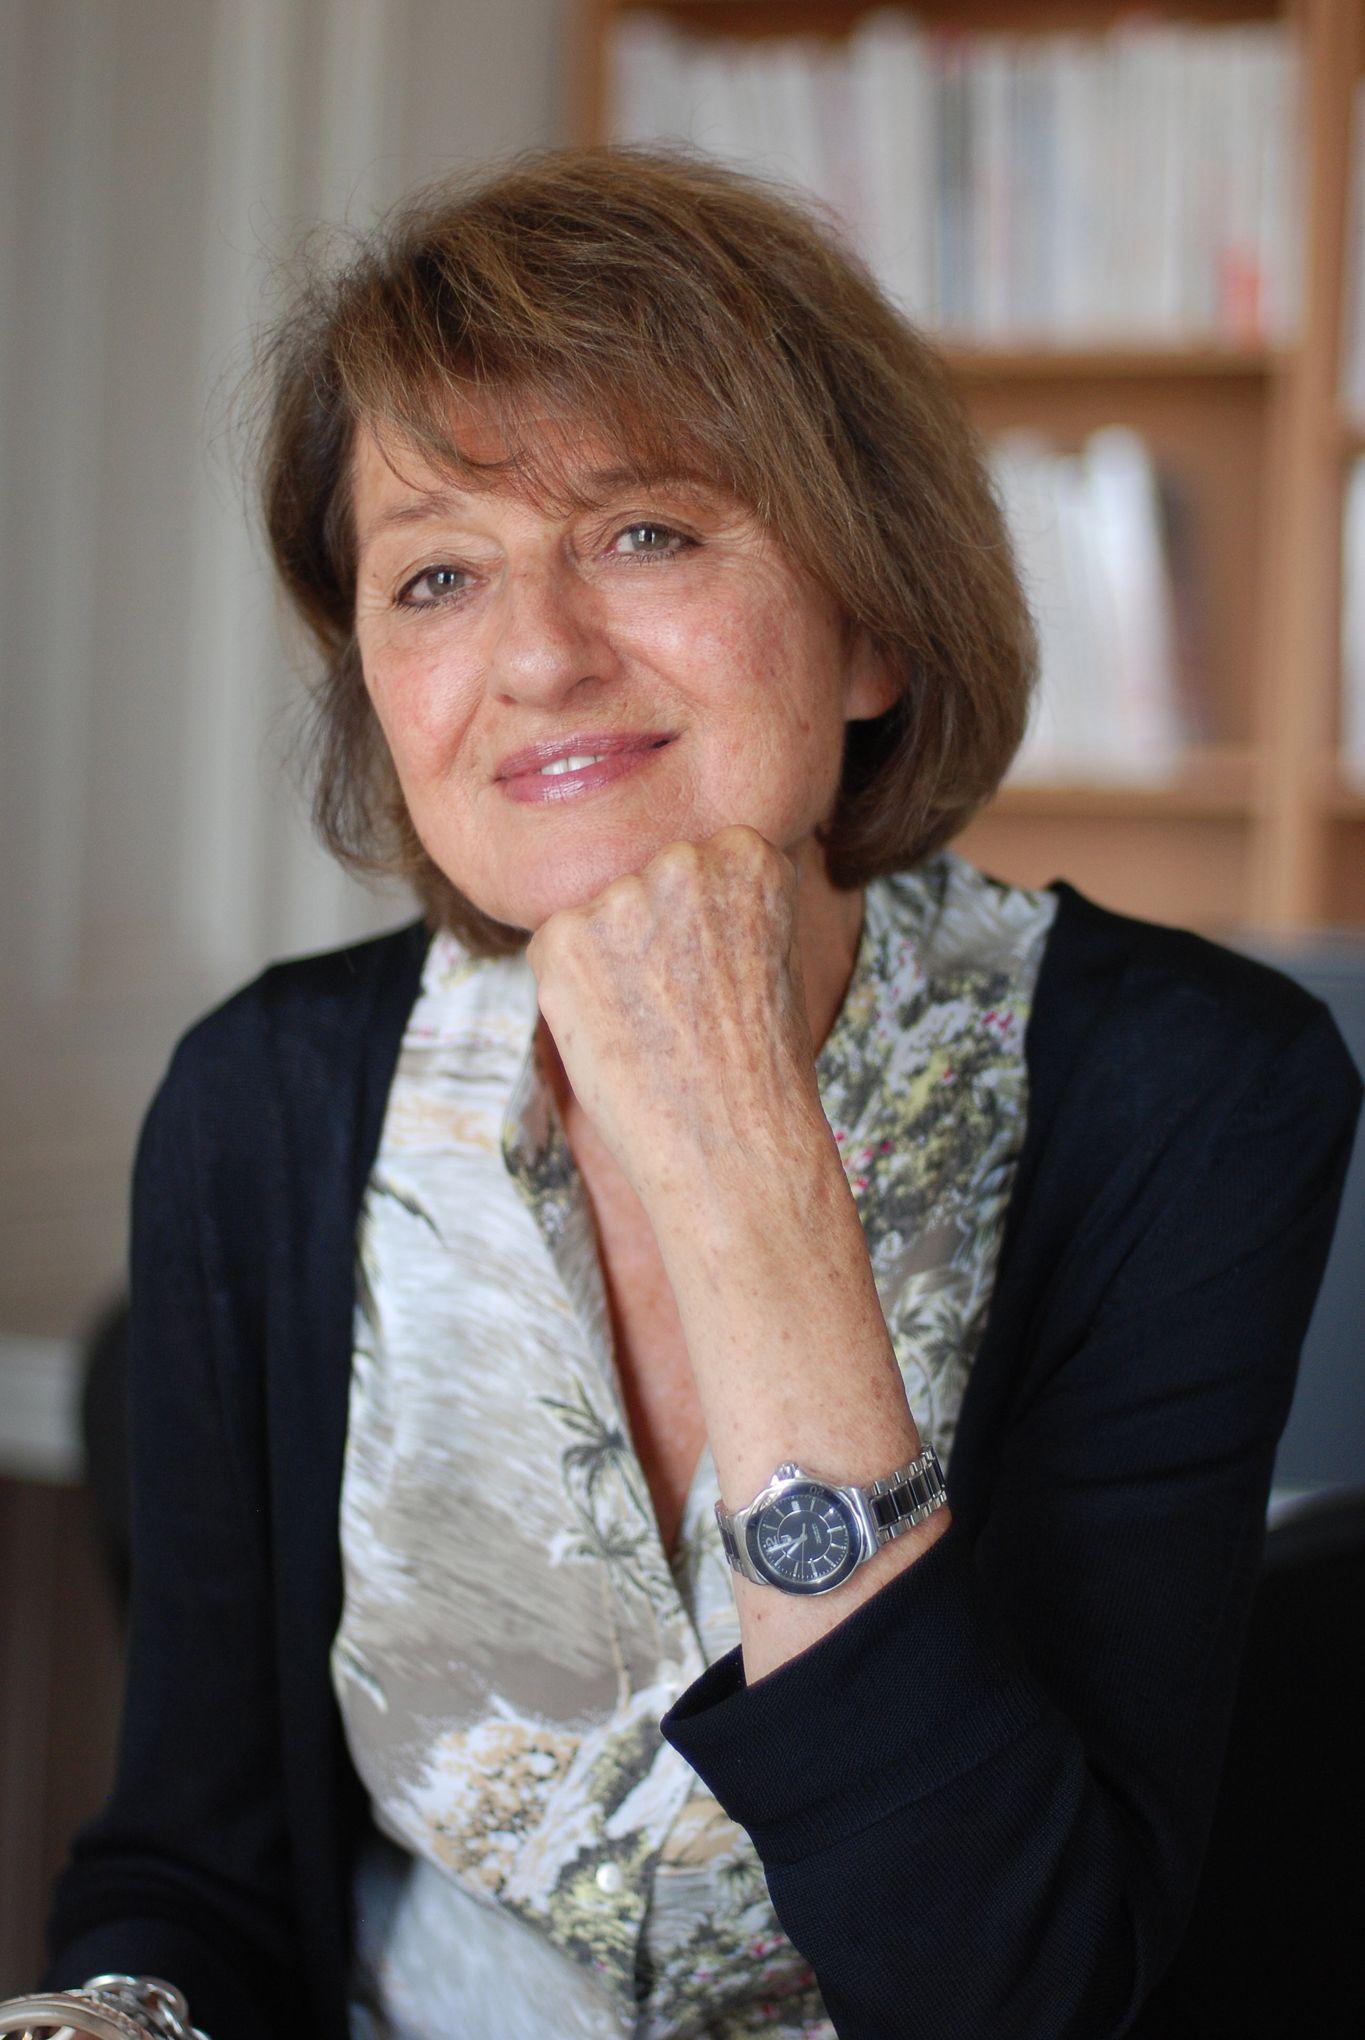 HELENE MERLE-BERAL